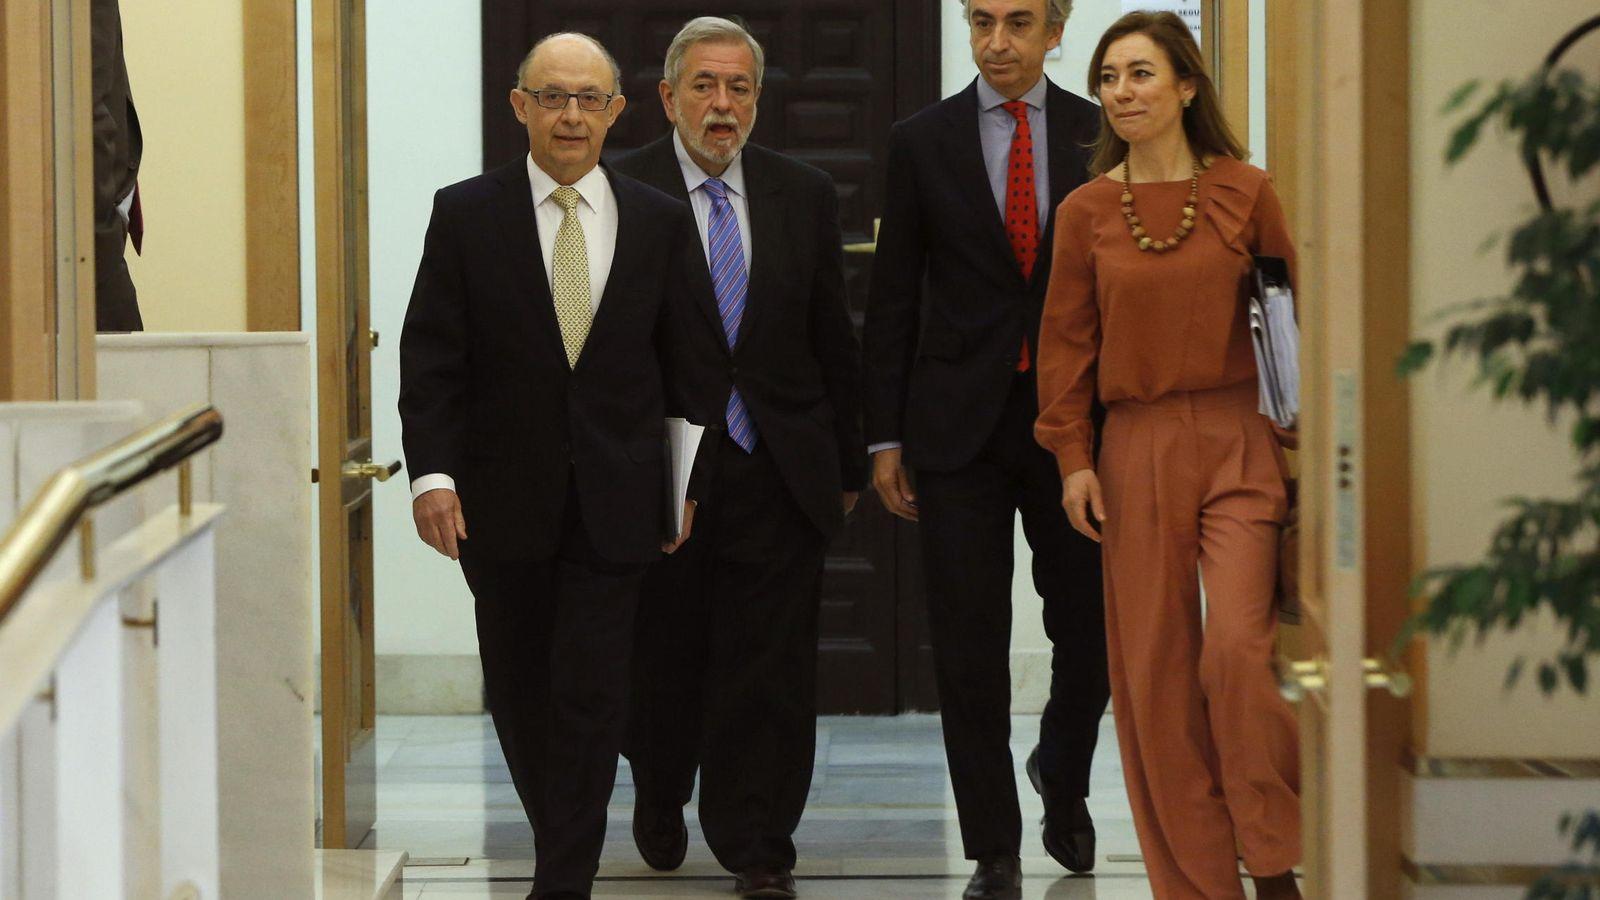 Foto: Cristóbal Montoro (i), Antonio Beteta (2i), Miguel Ferre (2d), y Marta Fernandez Currás. (EFE)